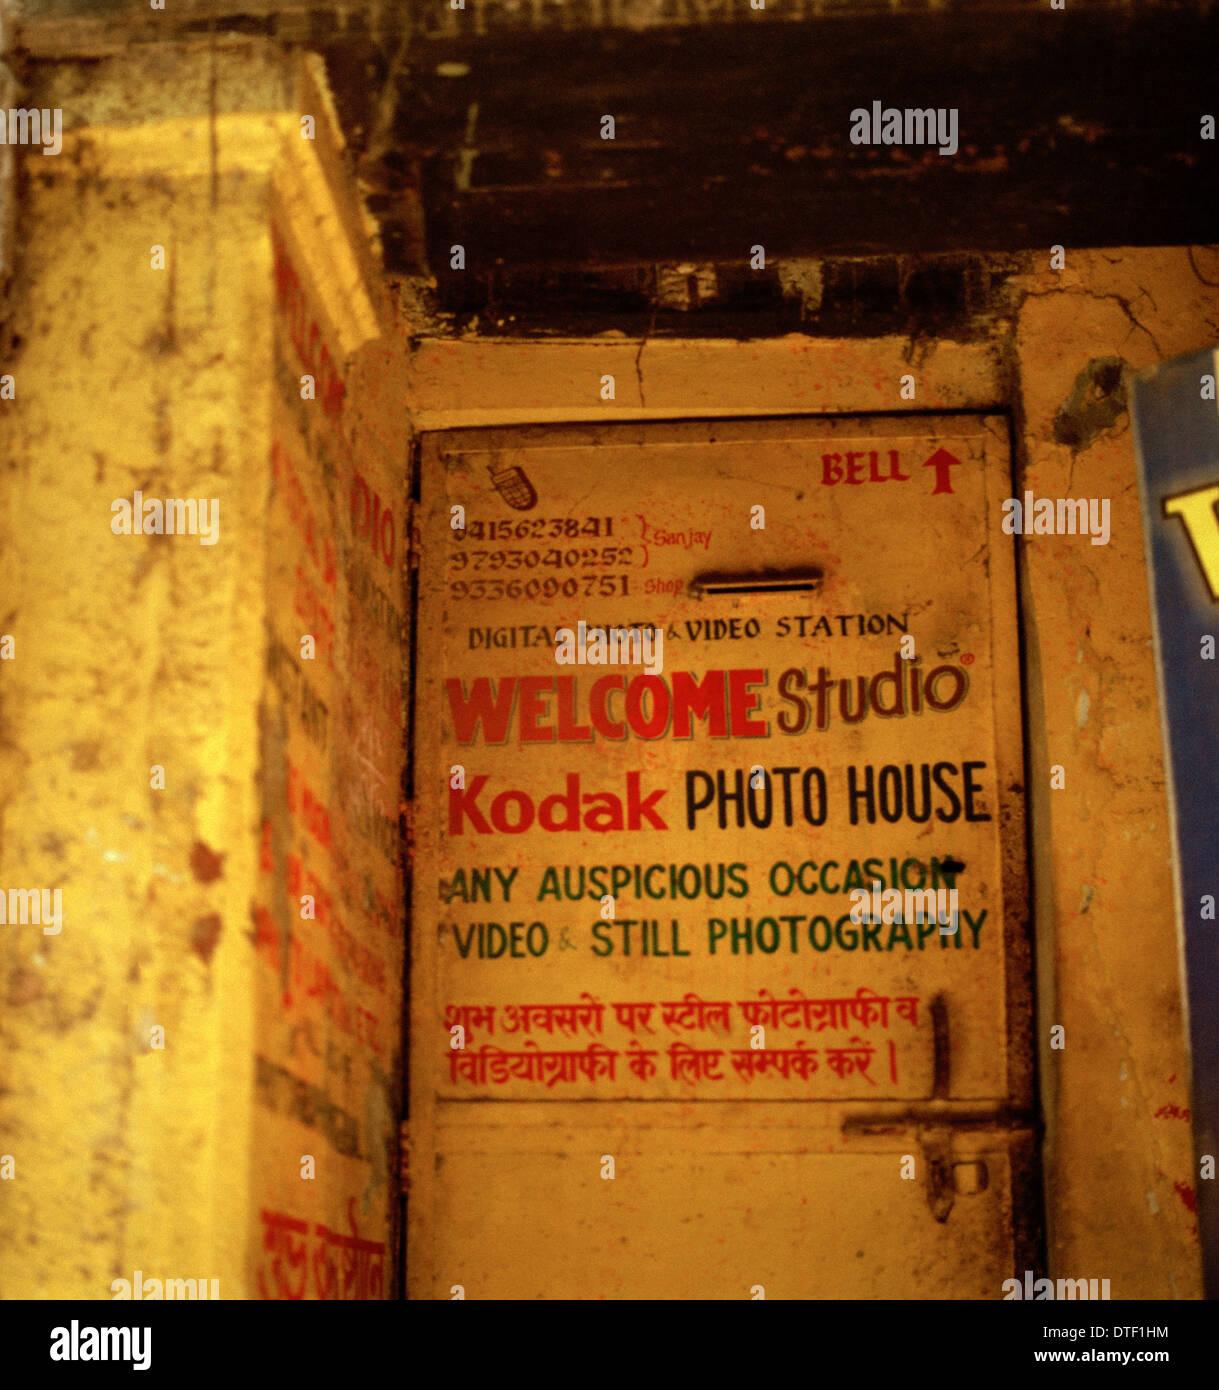 La photographie documentaire photographie Kodak - studio dans la vieille ville de Bénarès Varanasi dans l'Uttar Pradesh en Inde Asie du Sud. Entreprise photographique Photo Stock